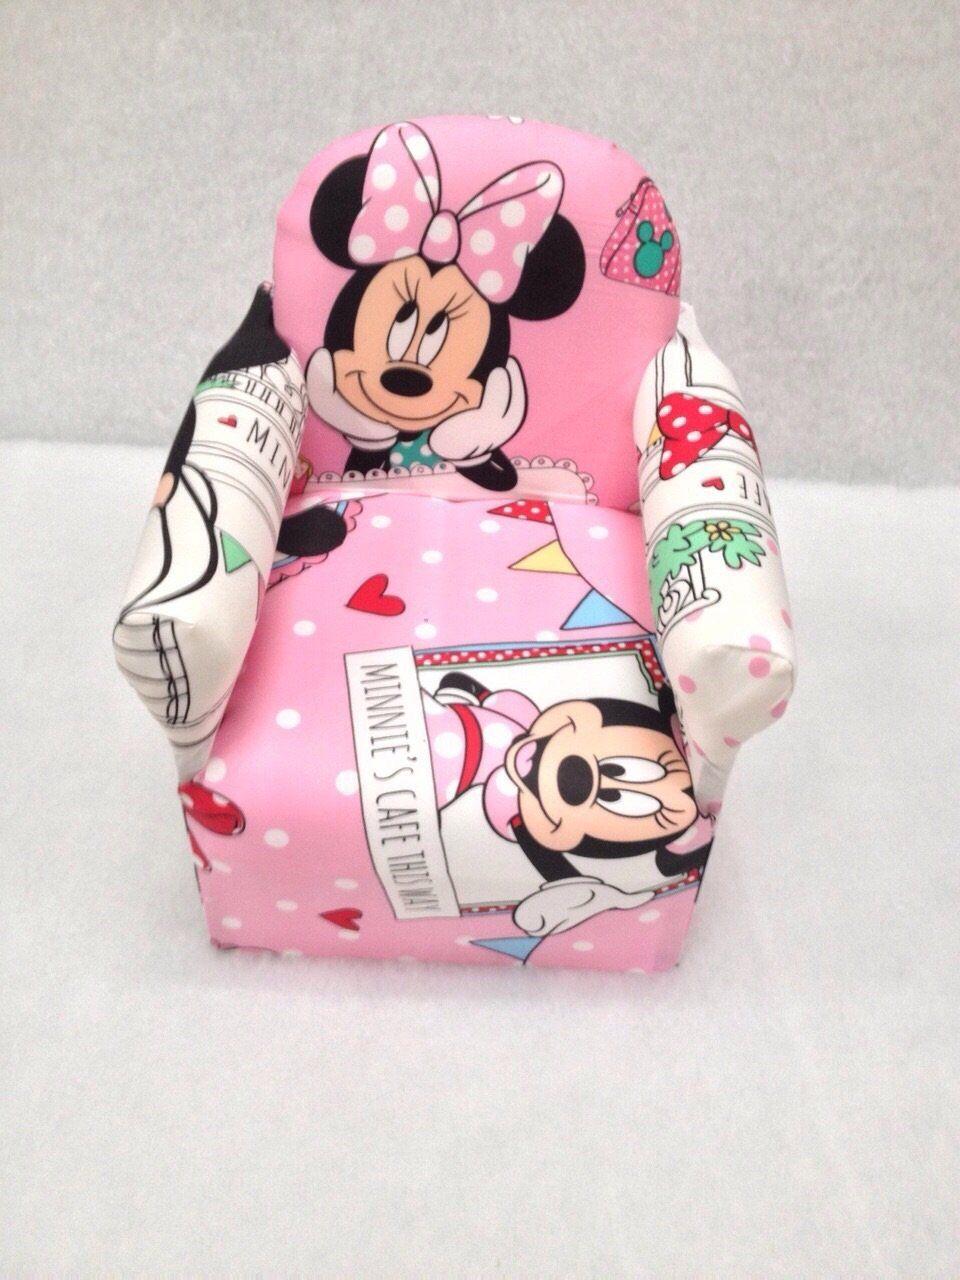 Süsser Kindersessel mit Minnie Mouse Motiv. Der rosa Sessel ist ...